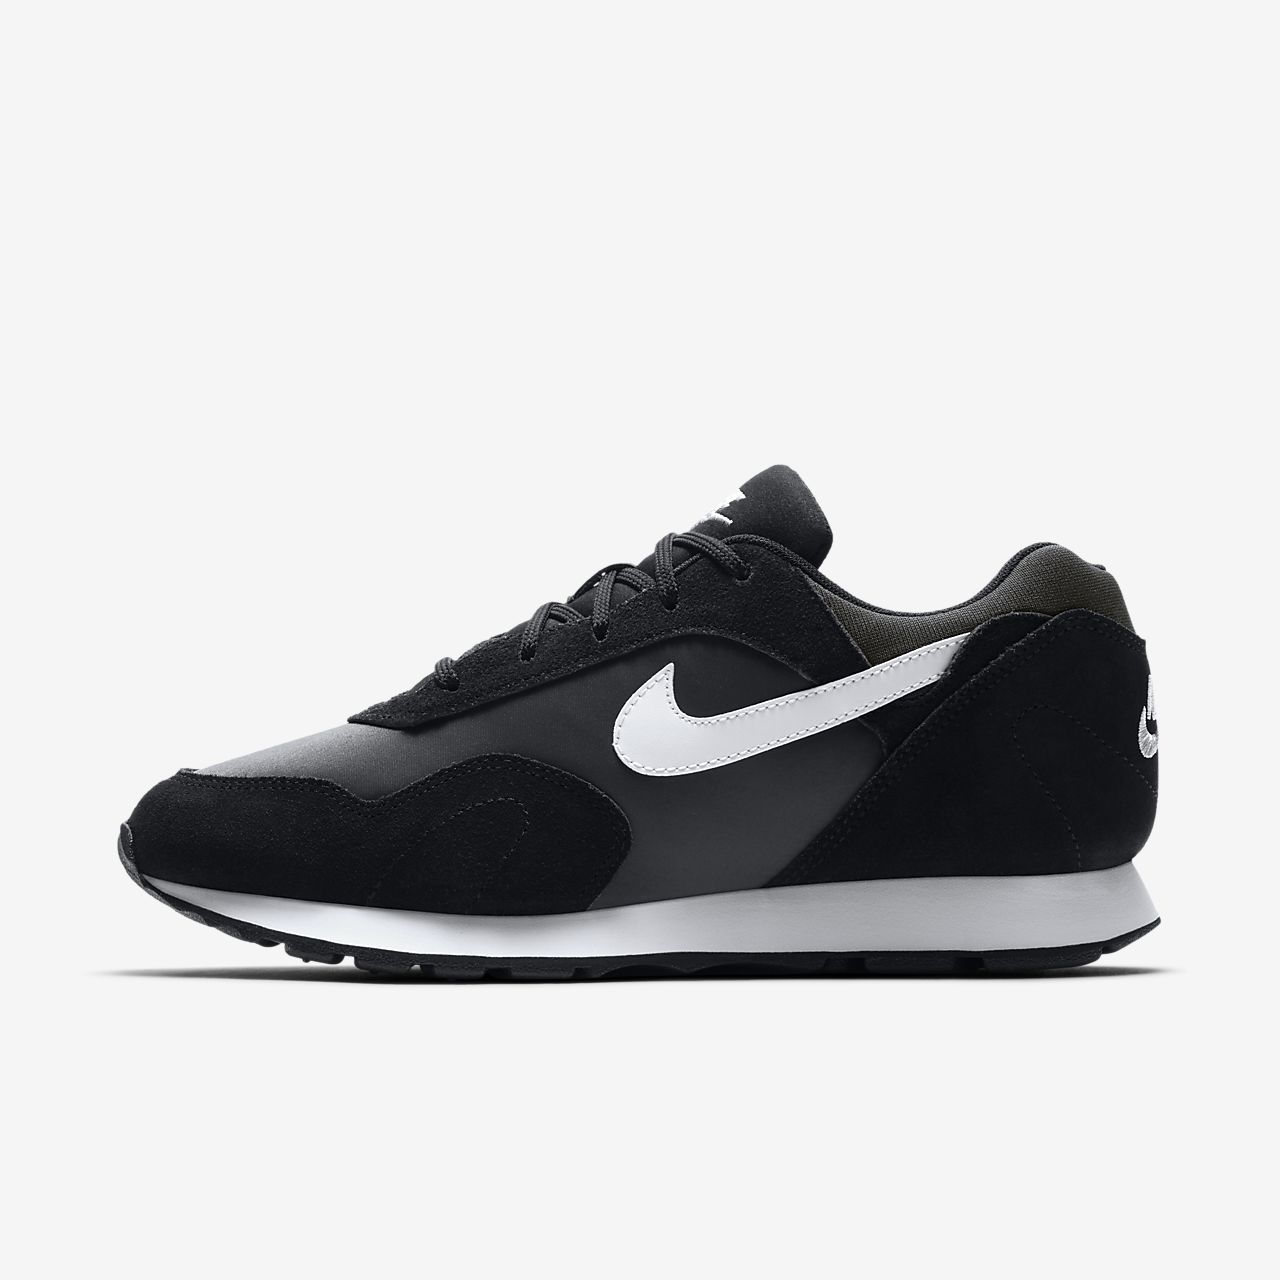 Dámská bota Nike Outburst